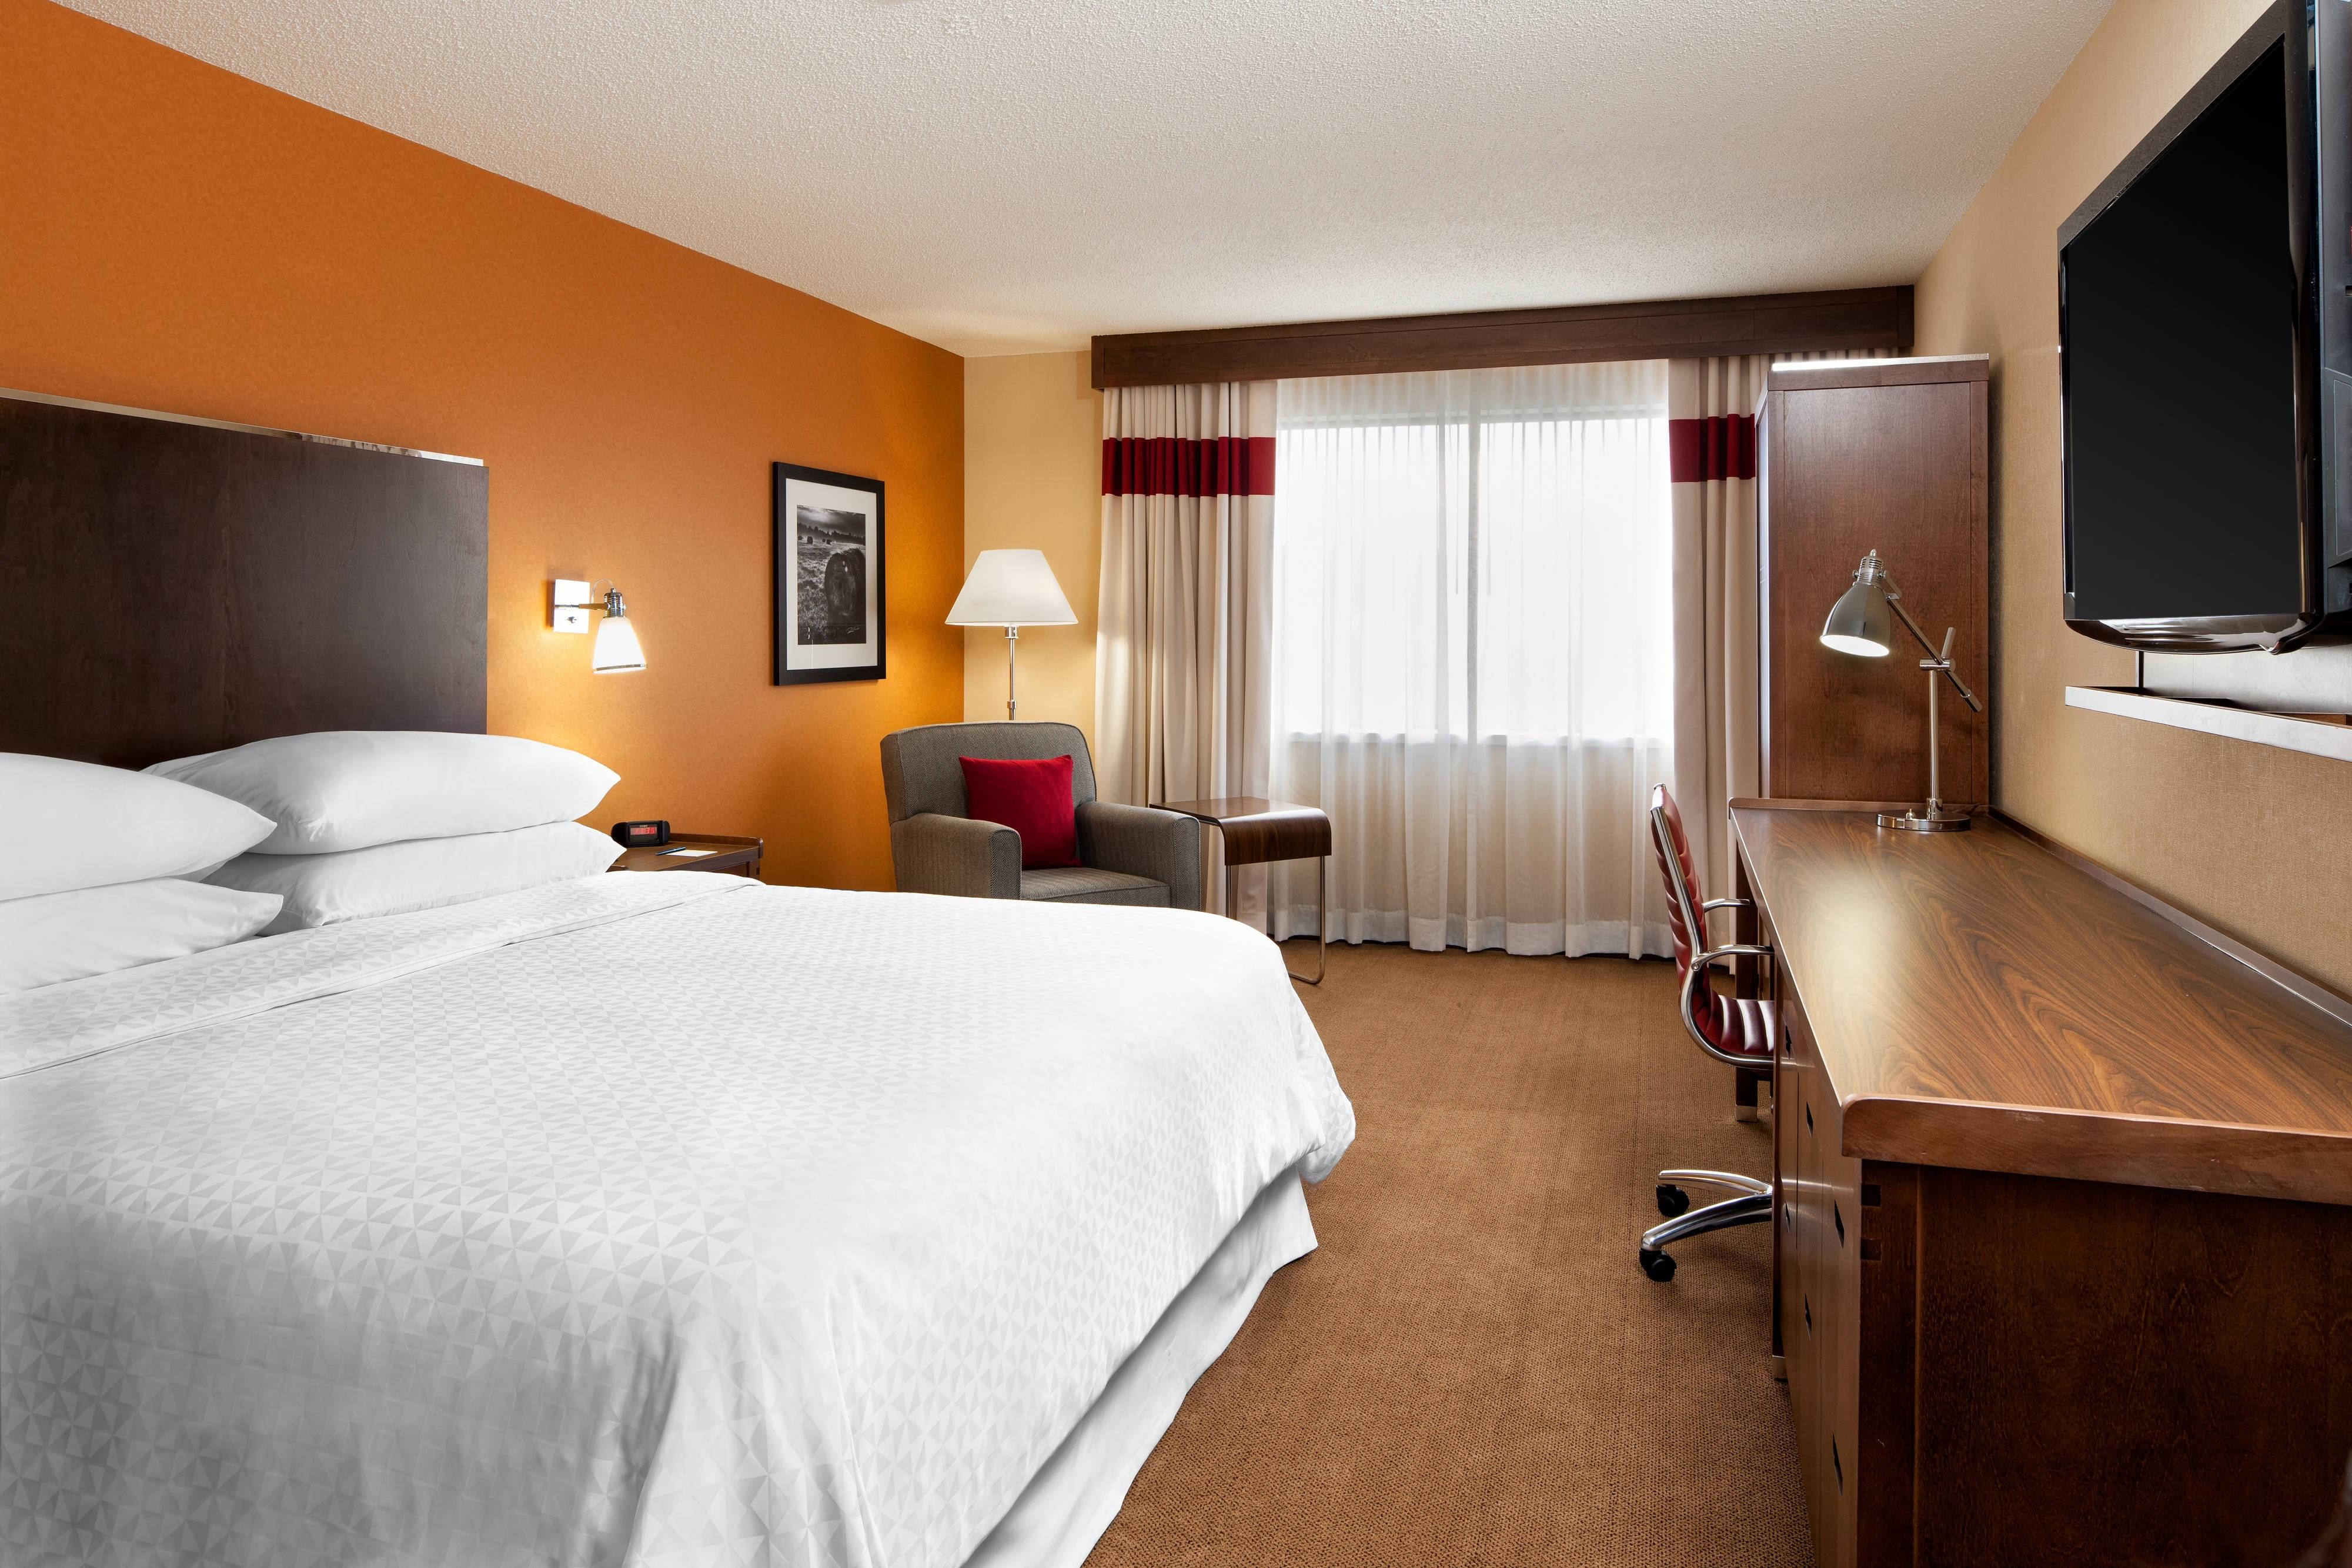 Deluxe-Zimmer mit Kingsize-Bett